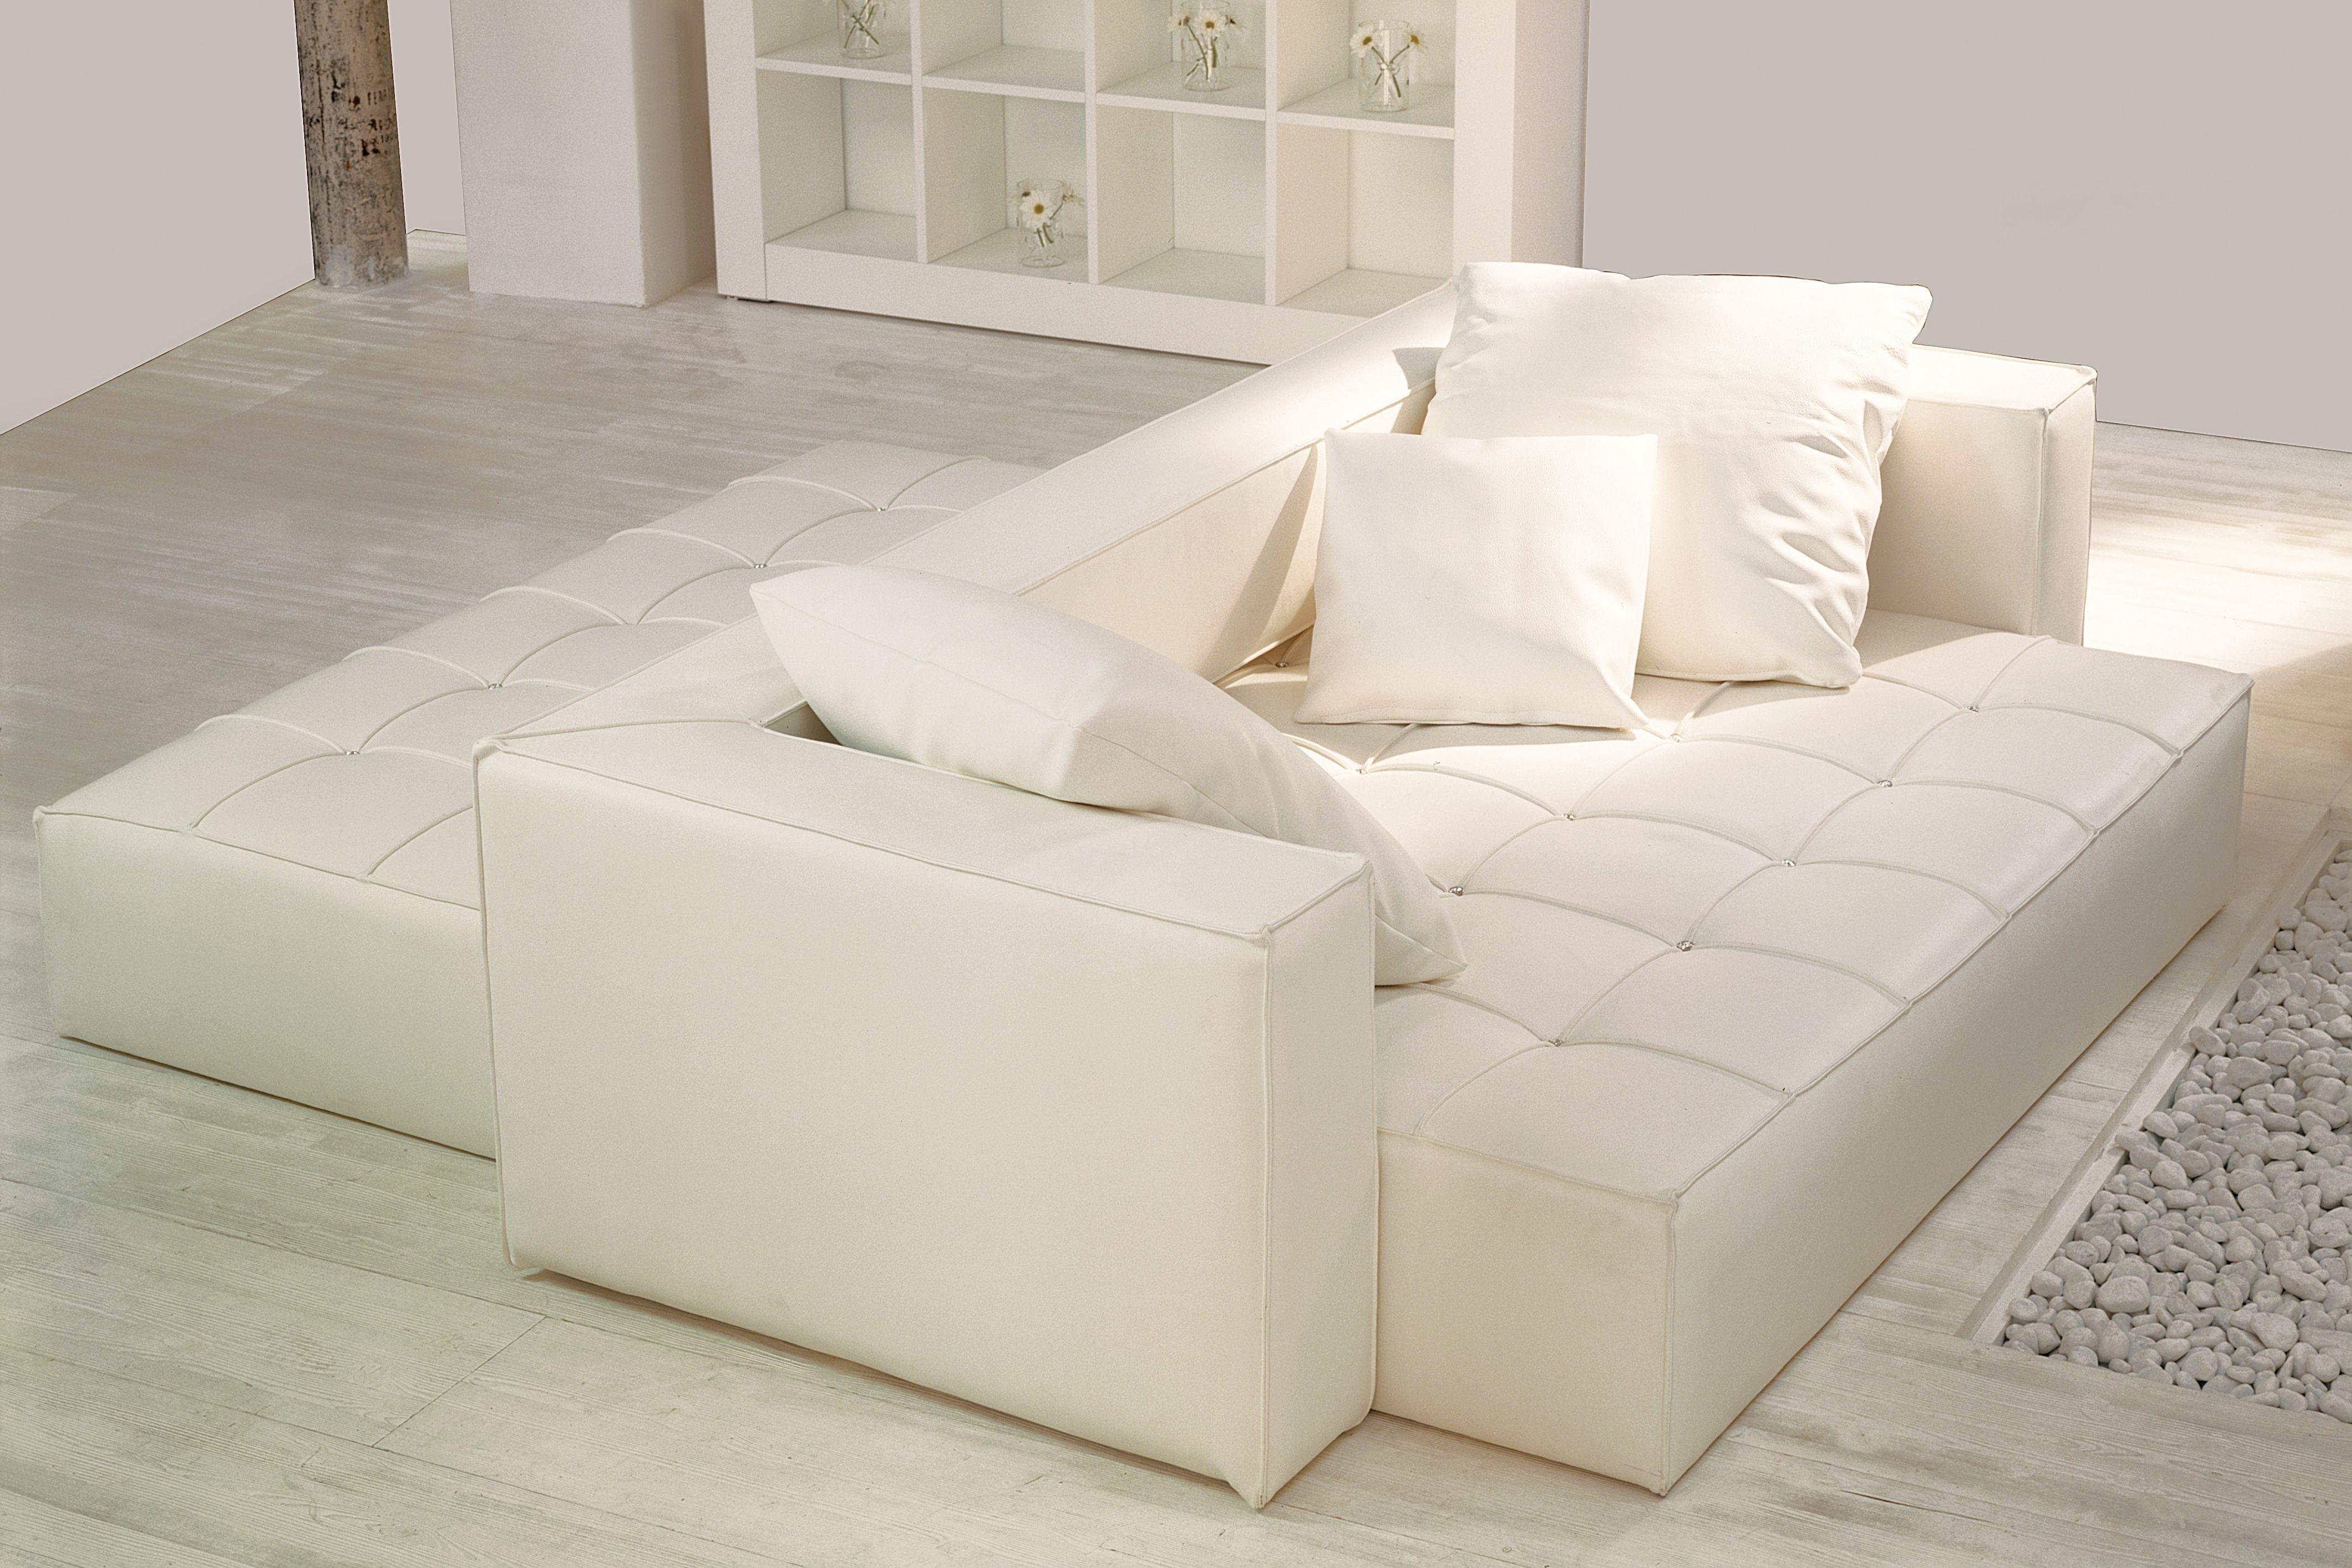 Oltre 25 fantastiche idee su divano pelle bianco su - Divano bianco pelle ...